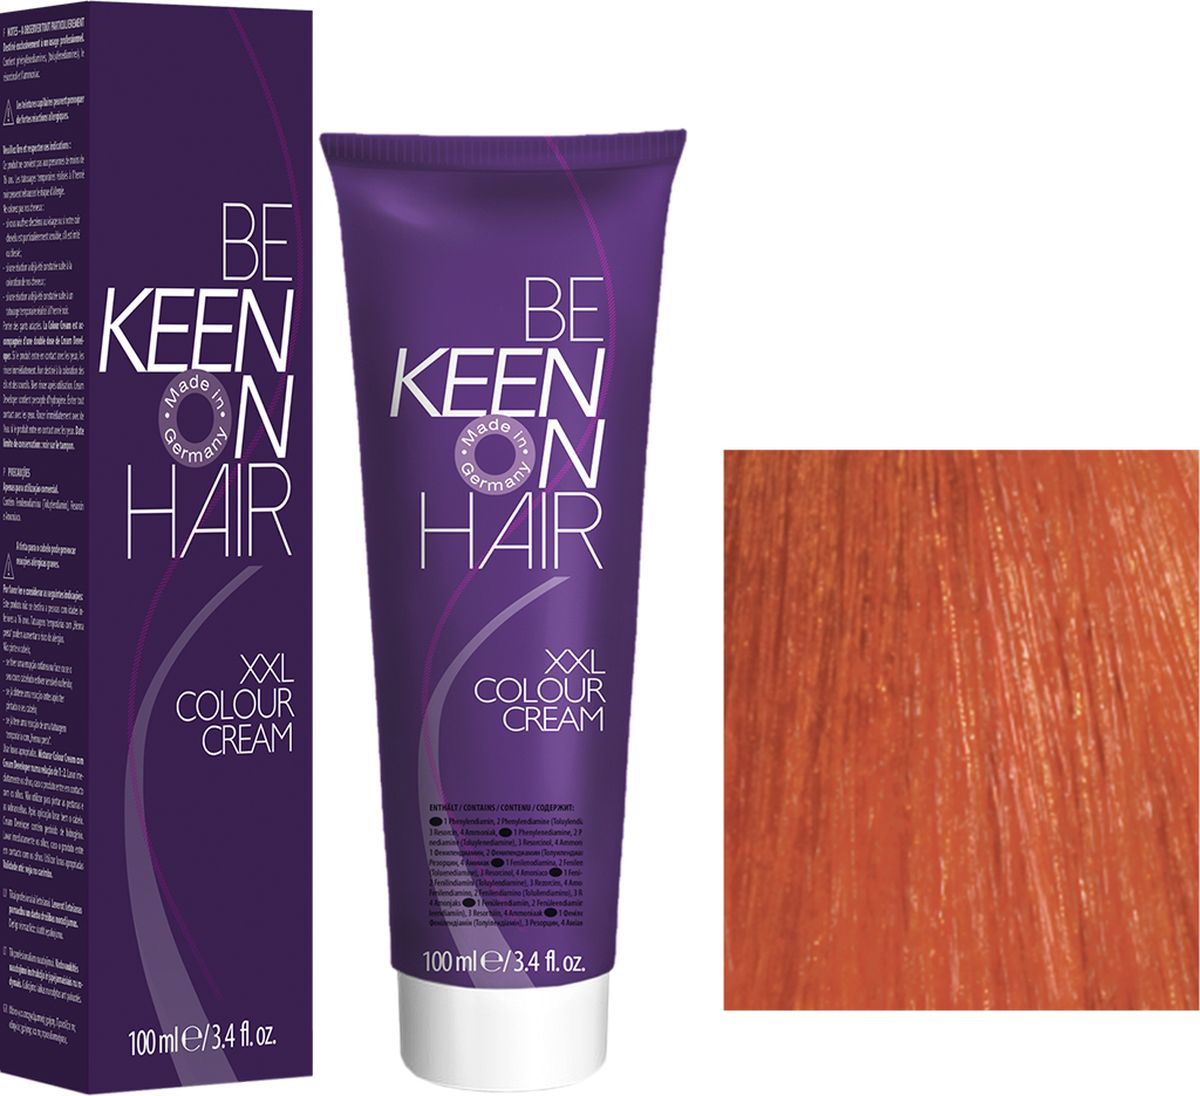 Keen Краска для волос 7.44 Натуральный интенсивно-медный блондин Mittelblond Kupfer-Intensiv, 100 мл69100060Модные оттенкиБолее 100 оттенков для креативной комбинации цветов.ЭкономичностьПри использовании тюбика 100 мл вы получаете оптимальное соотношение цены и качества!УходМолочный белок поддерживает структуру волоса во время окрашивания и придает волосам блеск и шелковистость. Протеины хорошо встраиваются в волосы и снабжают их влагой.